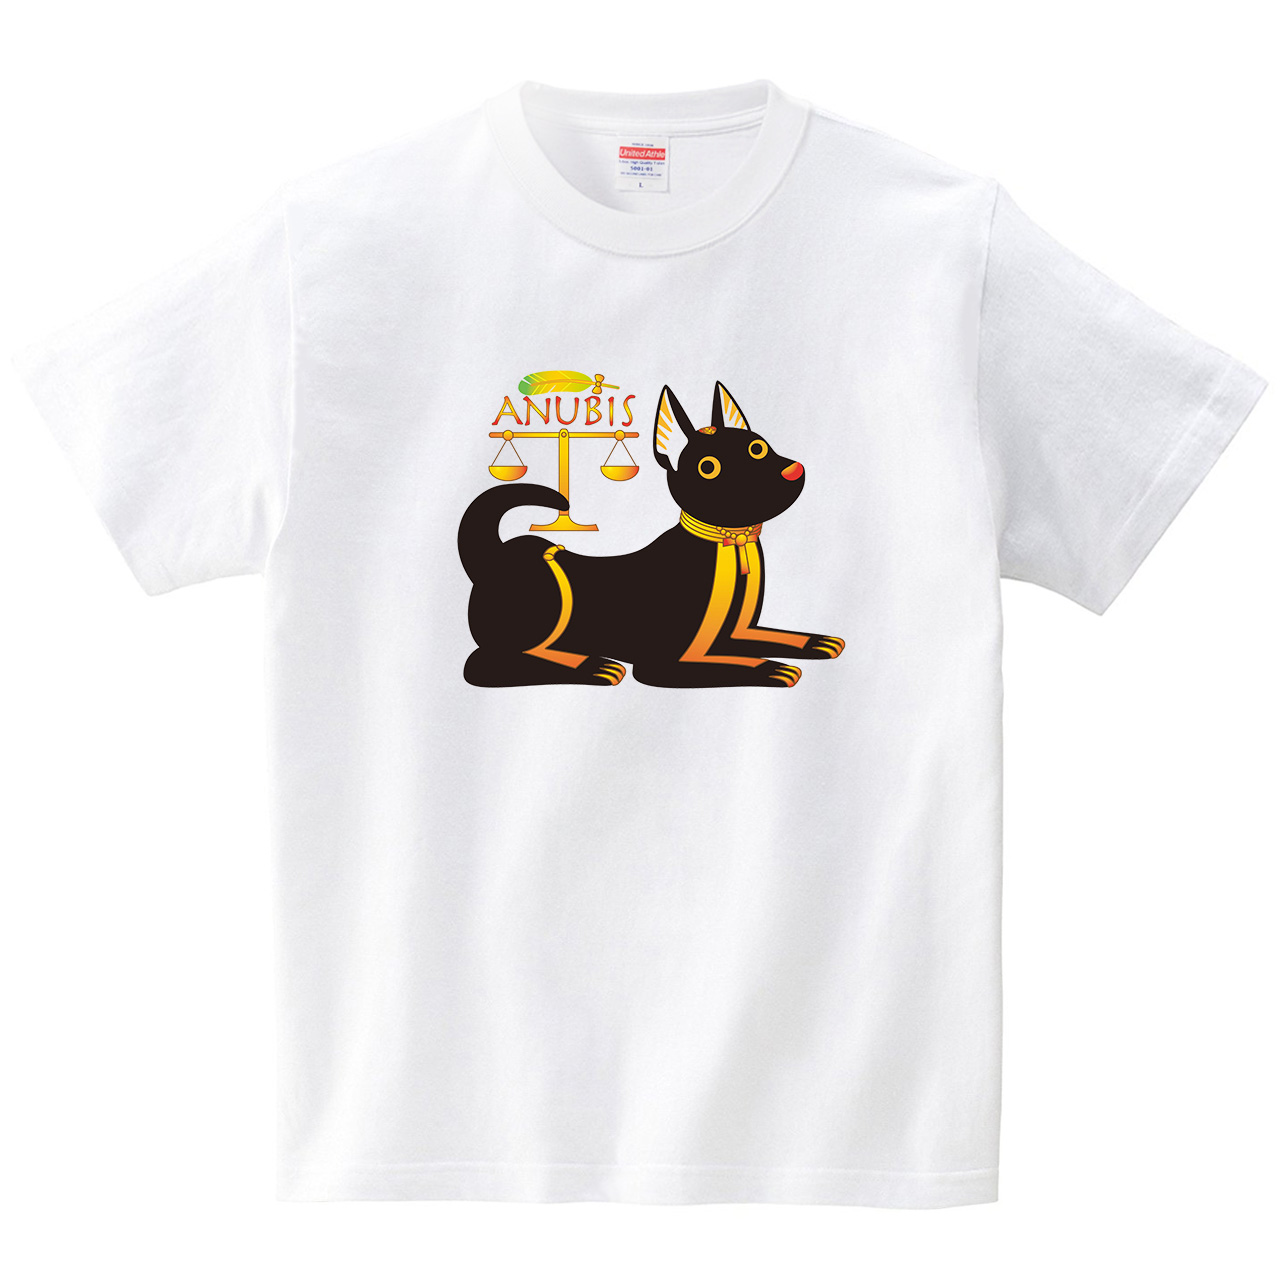 アヌビス-ANUBIS-(Tシャツ・ホワイト)(梅川紀美子)